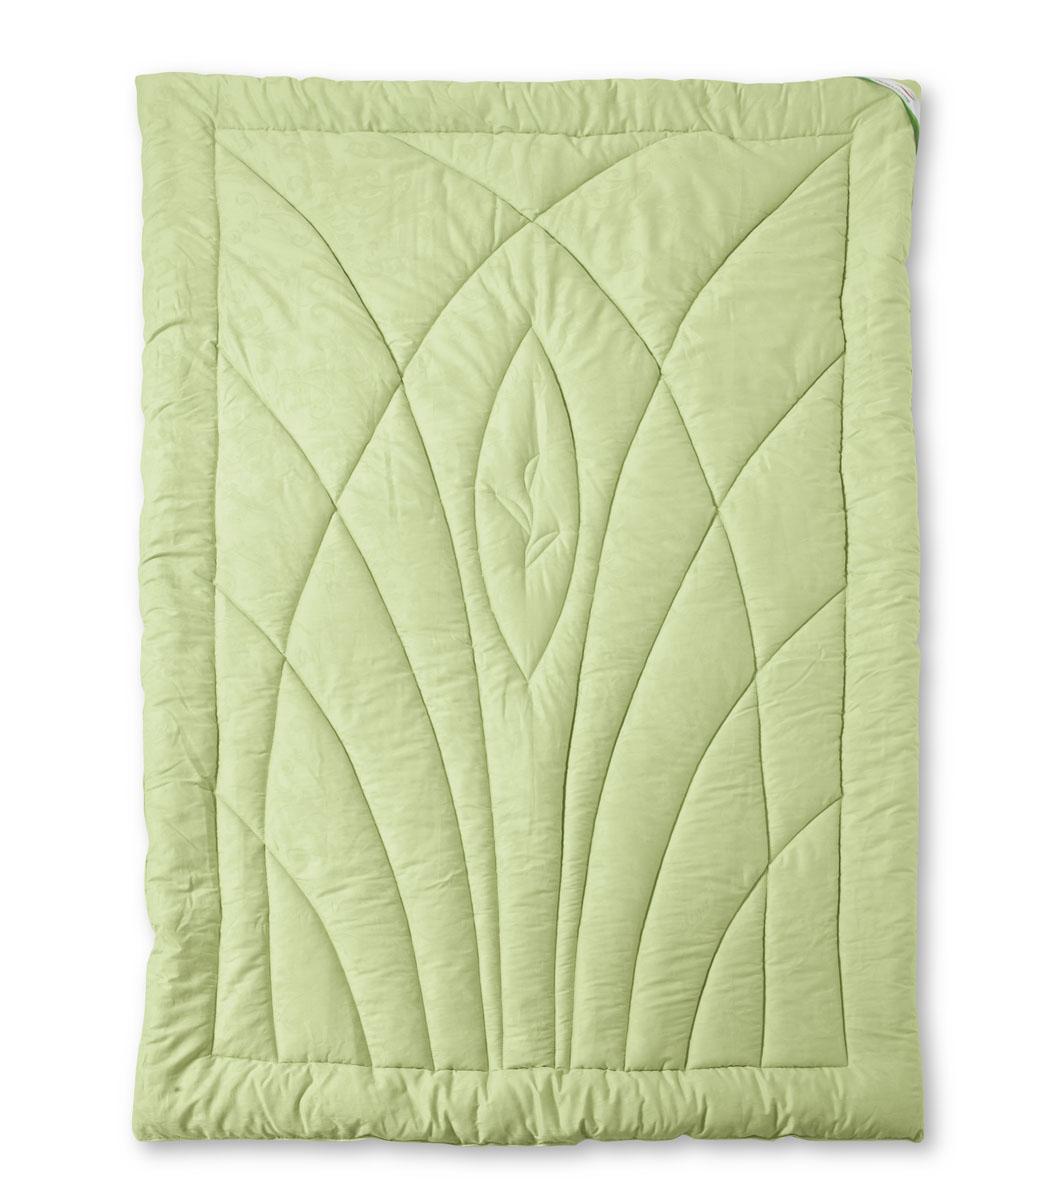 Одеяло теплое OL-Tex Эвкалипт, наполнитель: эвкалиптовое волокно, цвет: салатовый, 140 х 205 смNap200 (40)Чехол теплого одеяла OL-Tex Эвкалипт выполнен из мягкого приятного на ощупь сатина салатового цвета. Наполнитель - волокно на основе эвкалипта с полиэстером.Эвкалипт - это дерево, которое относится к семейству миртовых. Еще в древние времена люди ценили полезные свойства эвкалипта. Его антисептические, антибактериальные и освежающие качества полностью сохранены в волокнах, используемых в наполнителях подушек и одеял коллекции Эвкалипт. Экологически чистое, натуральное волокно формирует комфортный микроклимат спального места - подушки и одеяла этой коллекции гипоаллергенны, не впитывают запахи и отторгают пыль. Изделия с наполнителем из эвкалиптовых волокон подарят вам оздоровляющий и освежающий эффект, успокаивающий сон.Великолепное одеяло с эксклюзивным простеганным рисунком и зеленым атласным кантом. Нарядное, теплое, легкое, не теряет своих свойств после многократных стирок. Наполнитель из эвкалиптового волокна регулирует влажность и теплообмен, создавая эффект свежести.Одеяло OL-Tex Эвкалипт - достойный выбор современной хозяйки!Рекомендации по уходу:- Стирка в теплой воде (температура до 30°С).- Нельзя отбеливать. При стирке не использовать средства, содержащие отбеливатели (хлор).- Сушить вертикально без отжима. - Не гладить. Не применять обработку паром.- Нельзя выжимать и сушить в стиральной машине. Характеристики: Материал чехла: сатин (100% хлопок). Наполнитель: эвкалиптовое волокно, полиэстер. Цвет: салатовый. Плотность: 300 г/м2. Размер одеяла: 140 см х 205 см. Размеры упаковки: 55 см х 45 см х 15 см. Артикул: ОЭС-15-4.